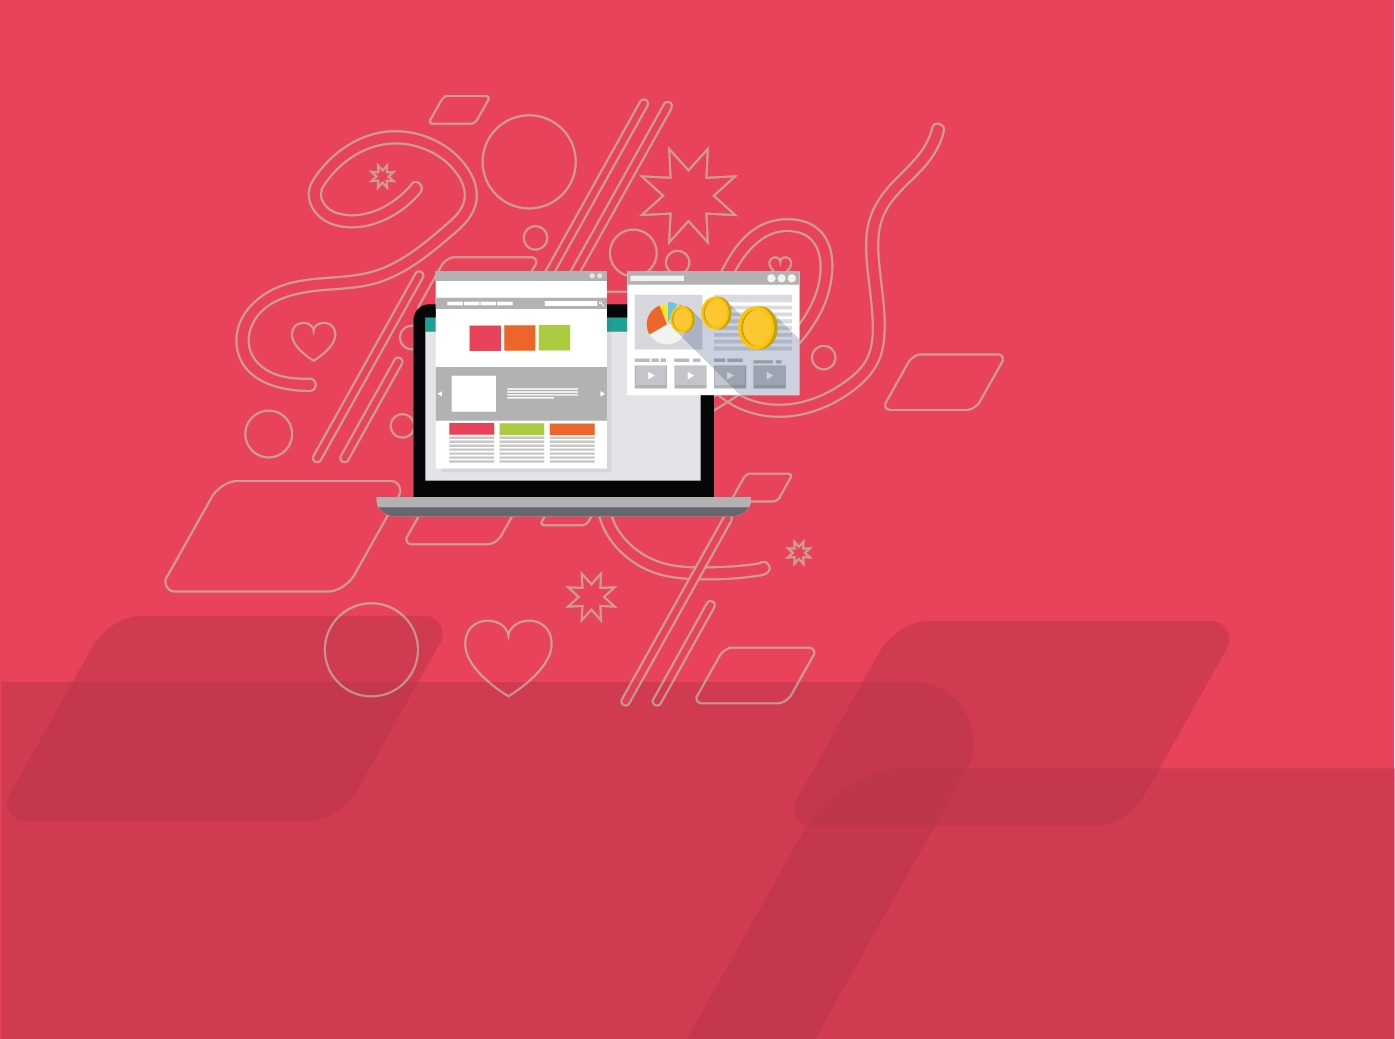 Inbound Marketing - ¿Quiero mejorar los resultados de tu inversión digital?Generamos campañas digitales, estrategias de inbound marketing. Certificaciones de Facebook y Google Ads.